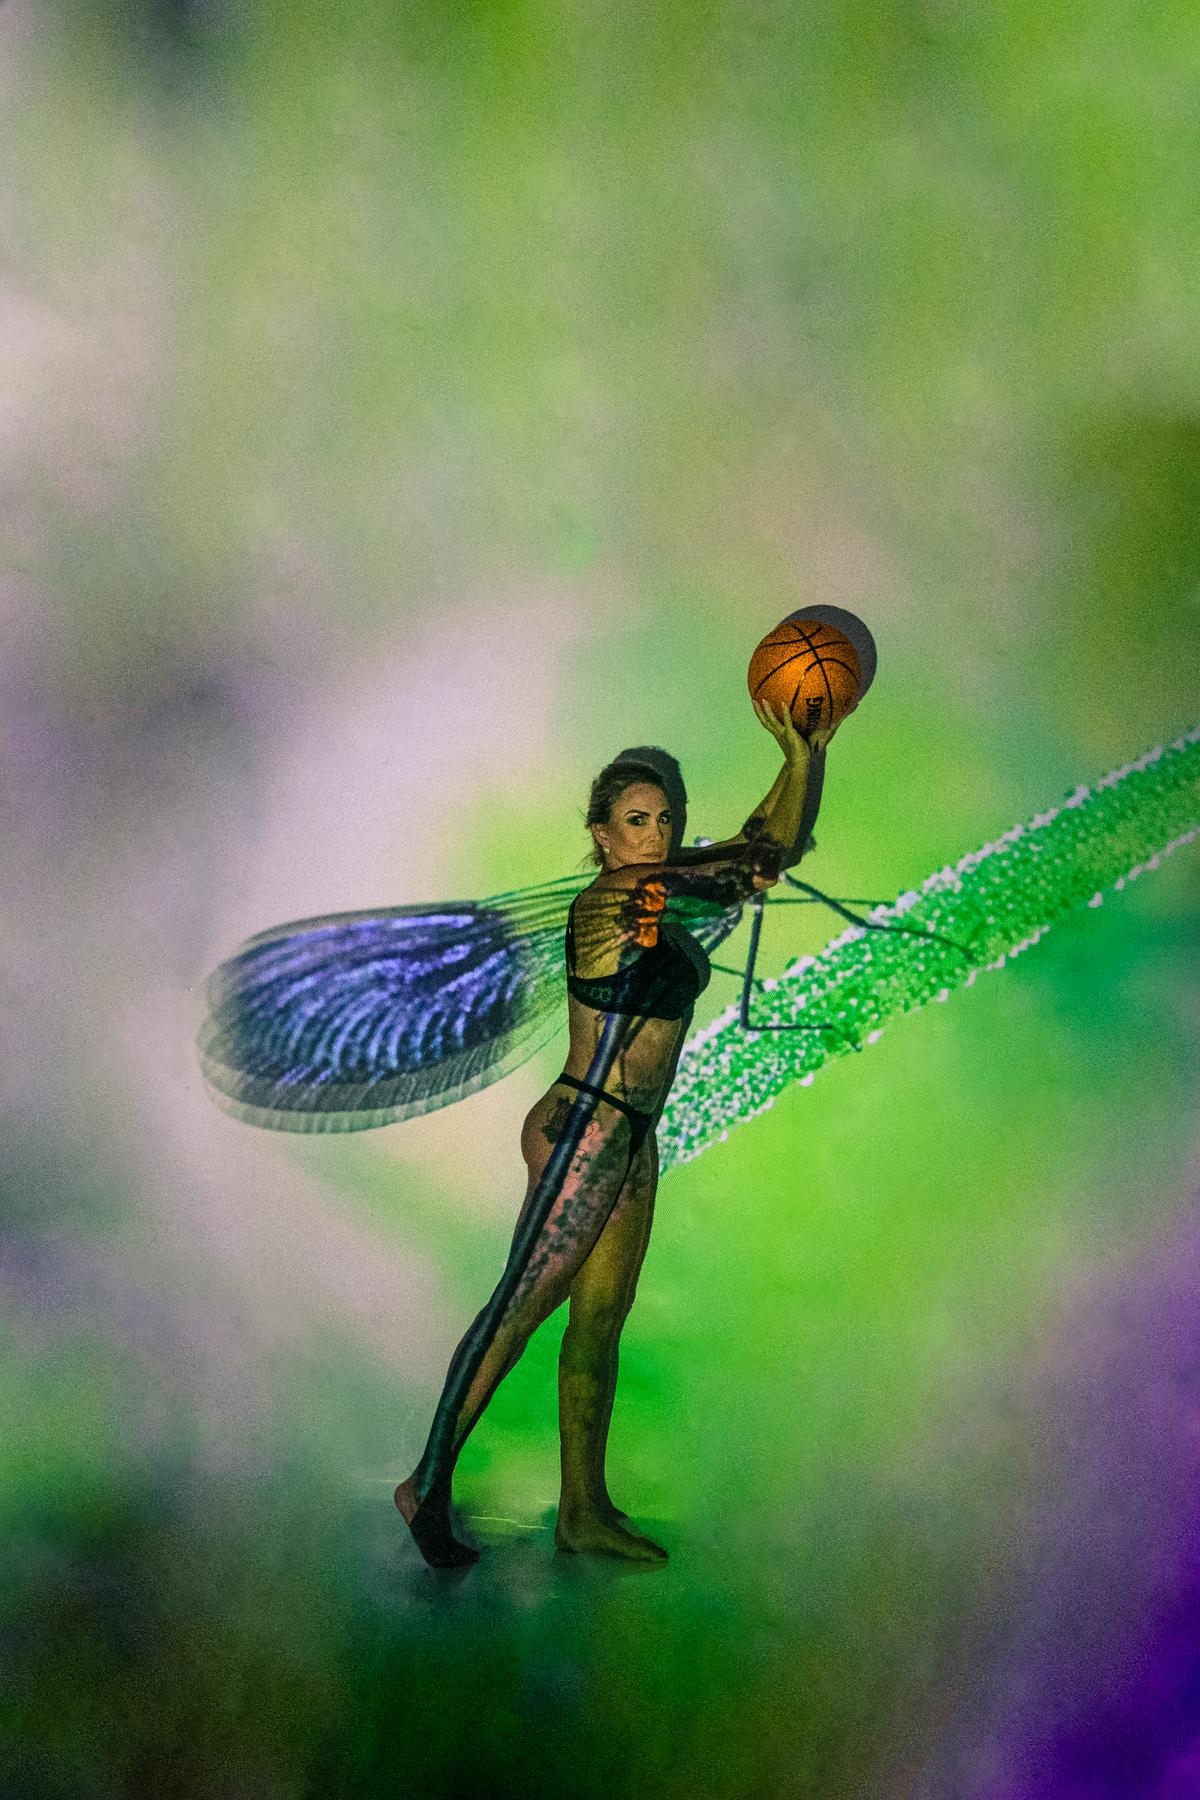 Imagem capa - Hortência - A Rainha do basquete por Scatto Fotografia